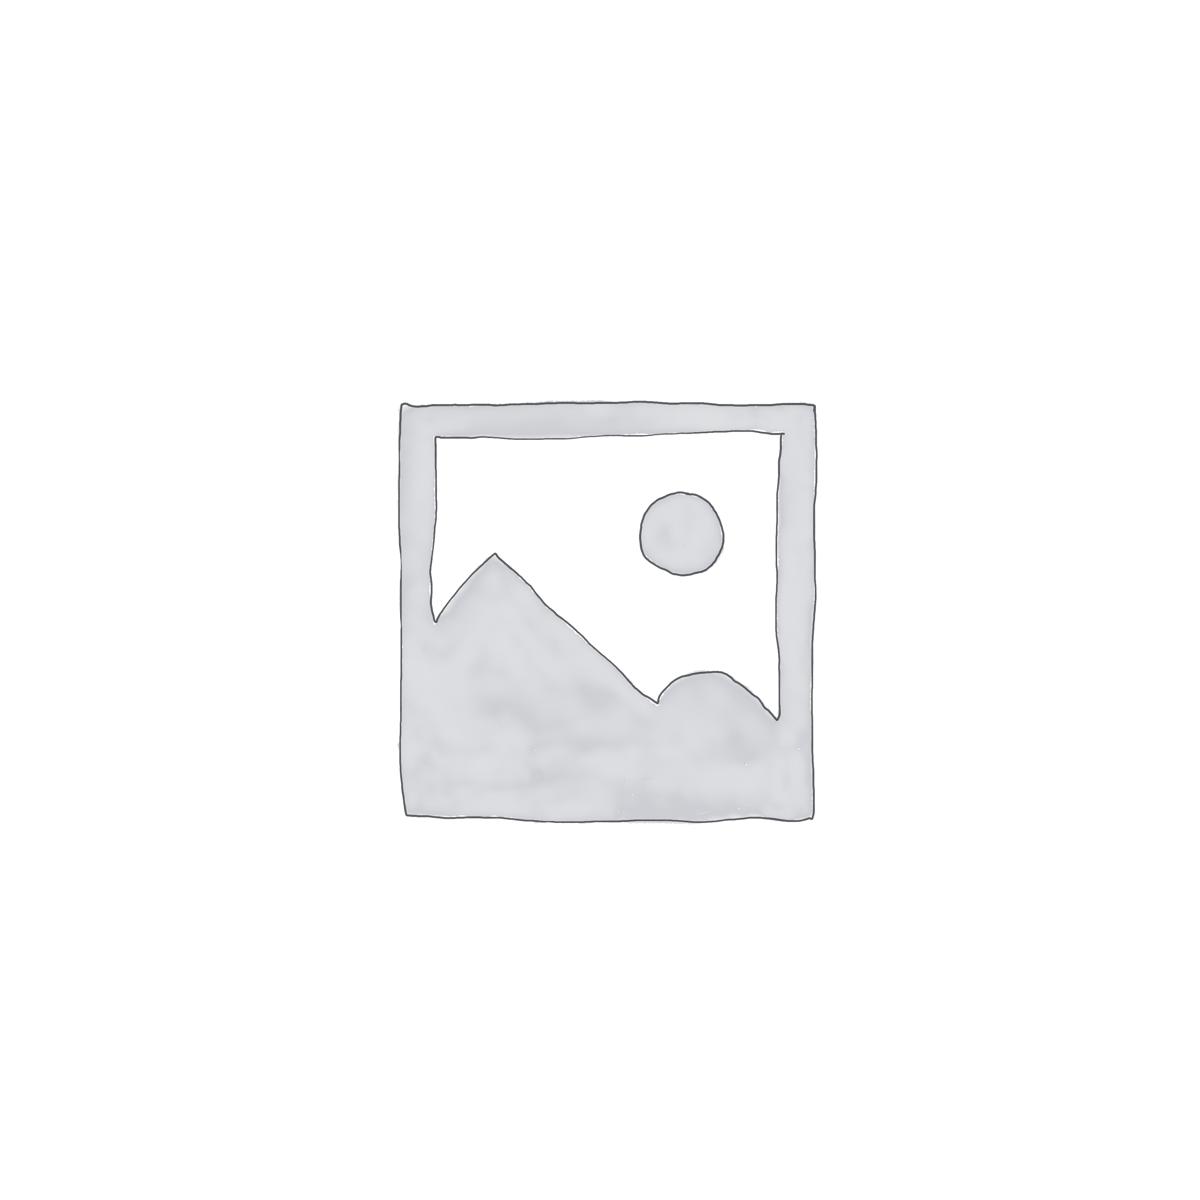 Kids Blue Height Chart Wall Sticker Decal